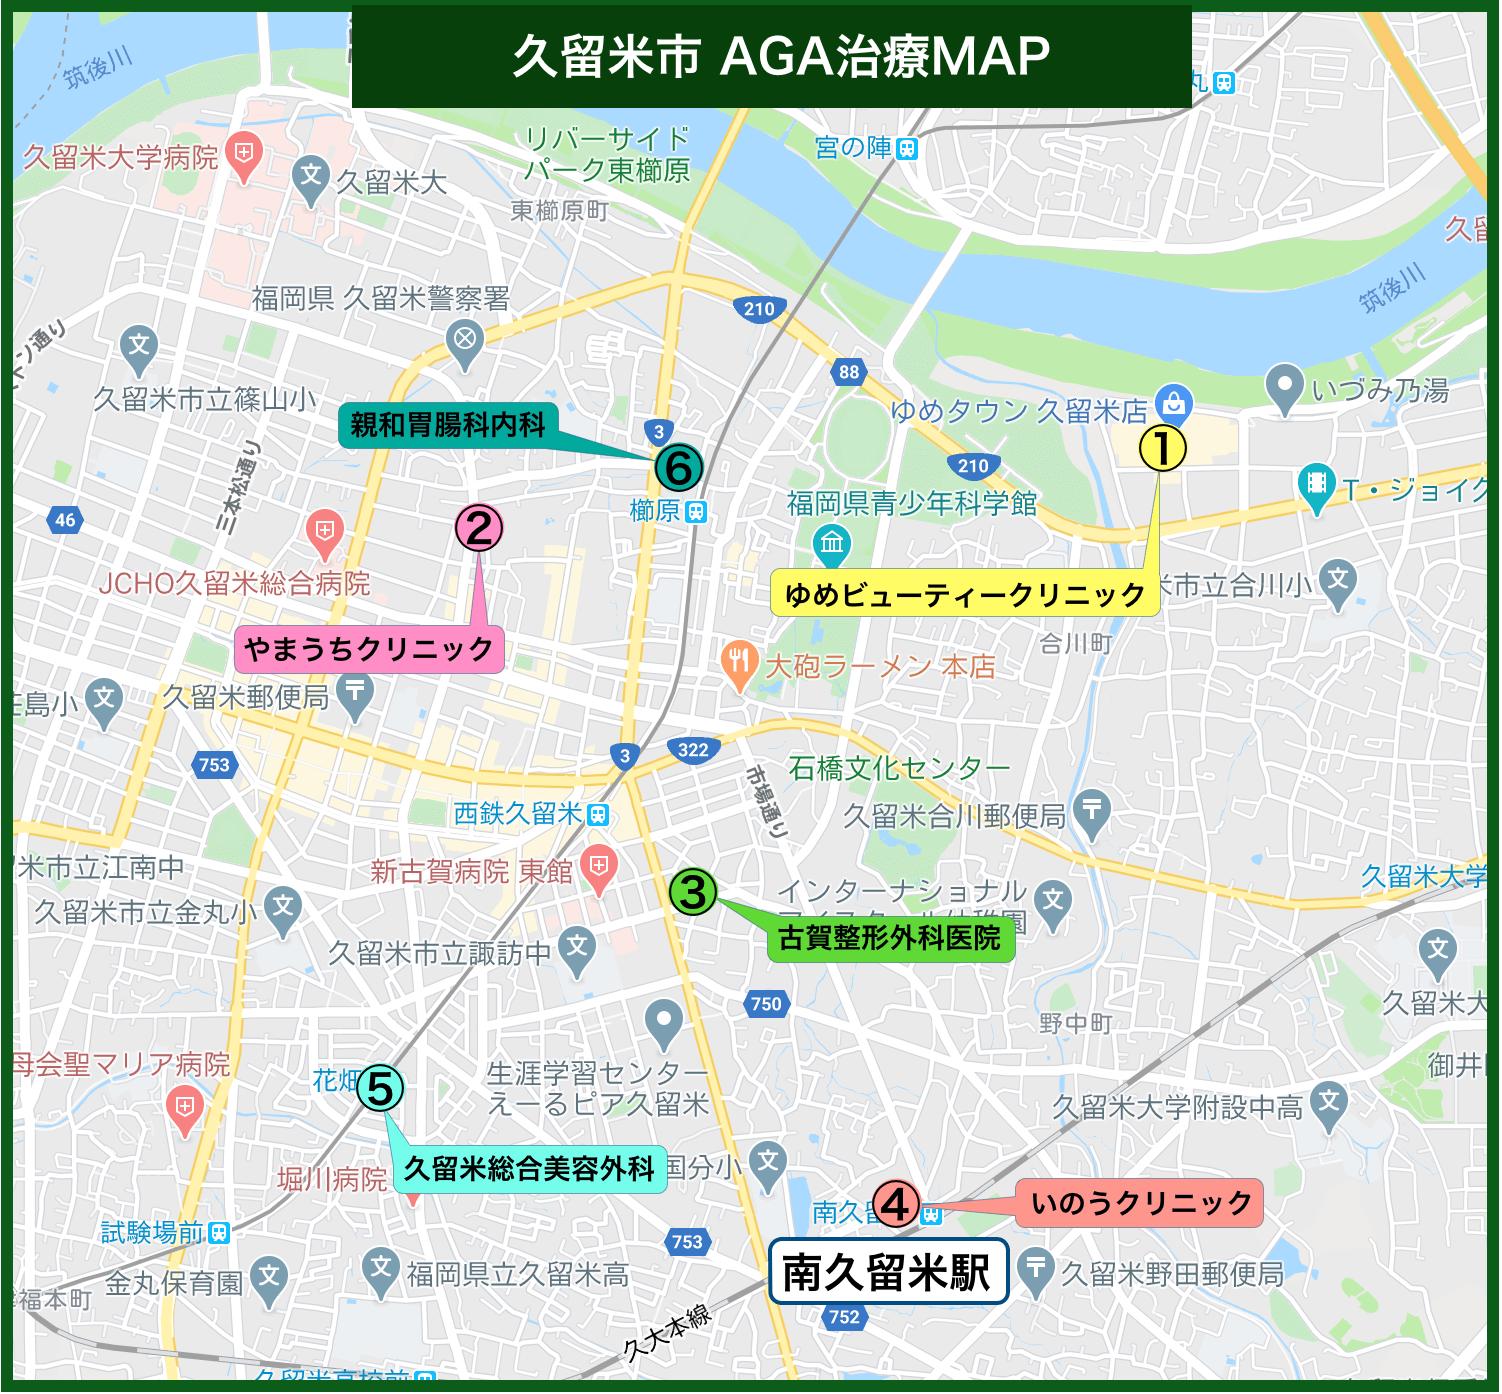 久留米市 AGA治療MAP